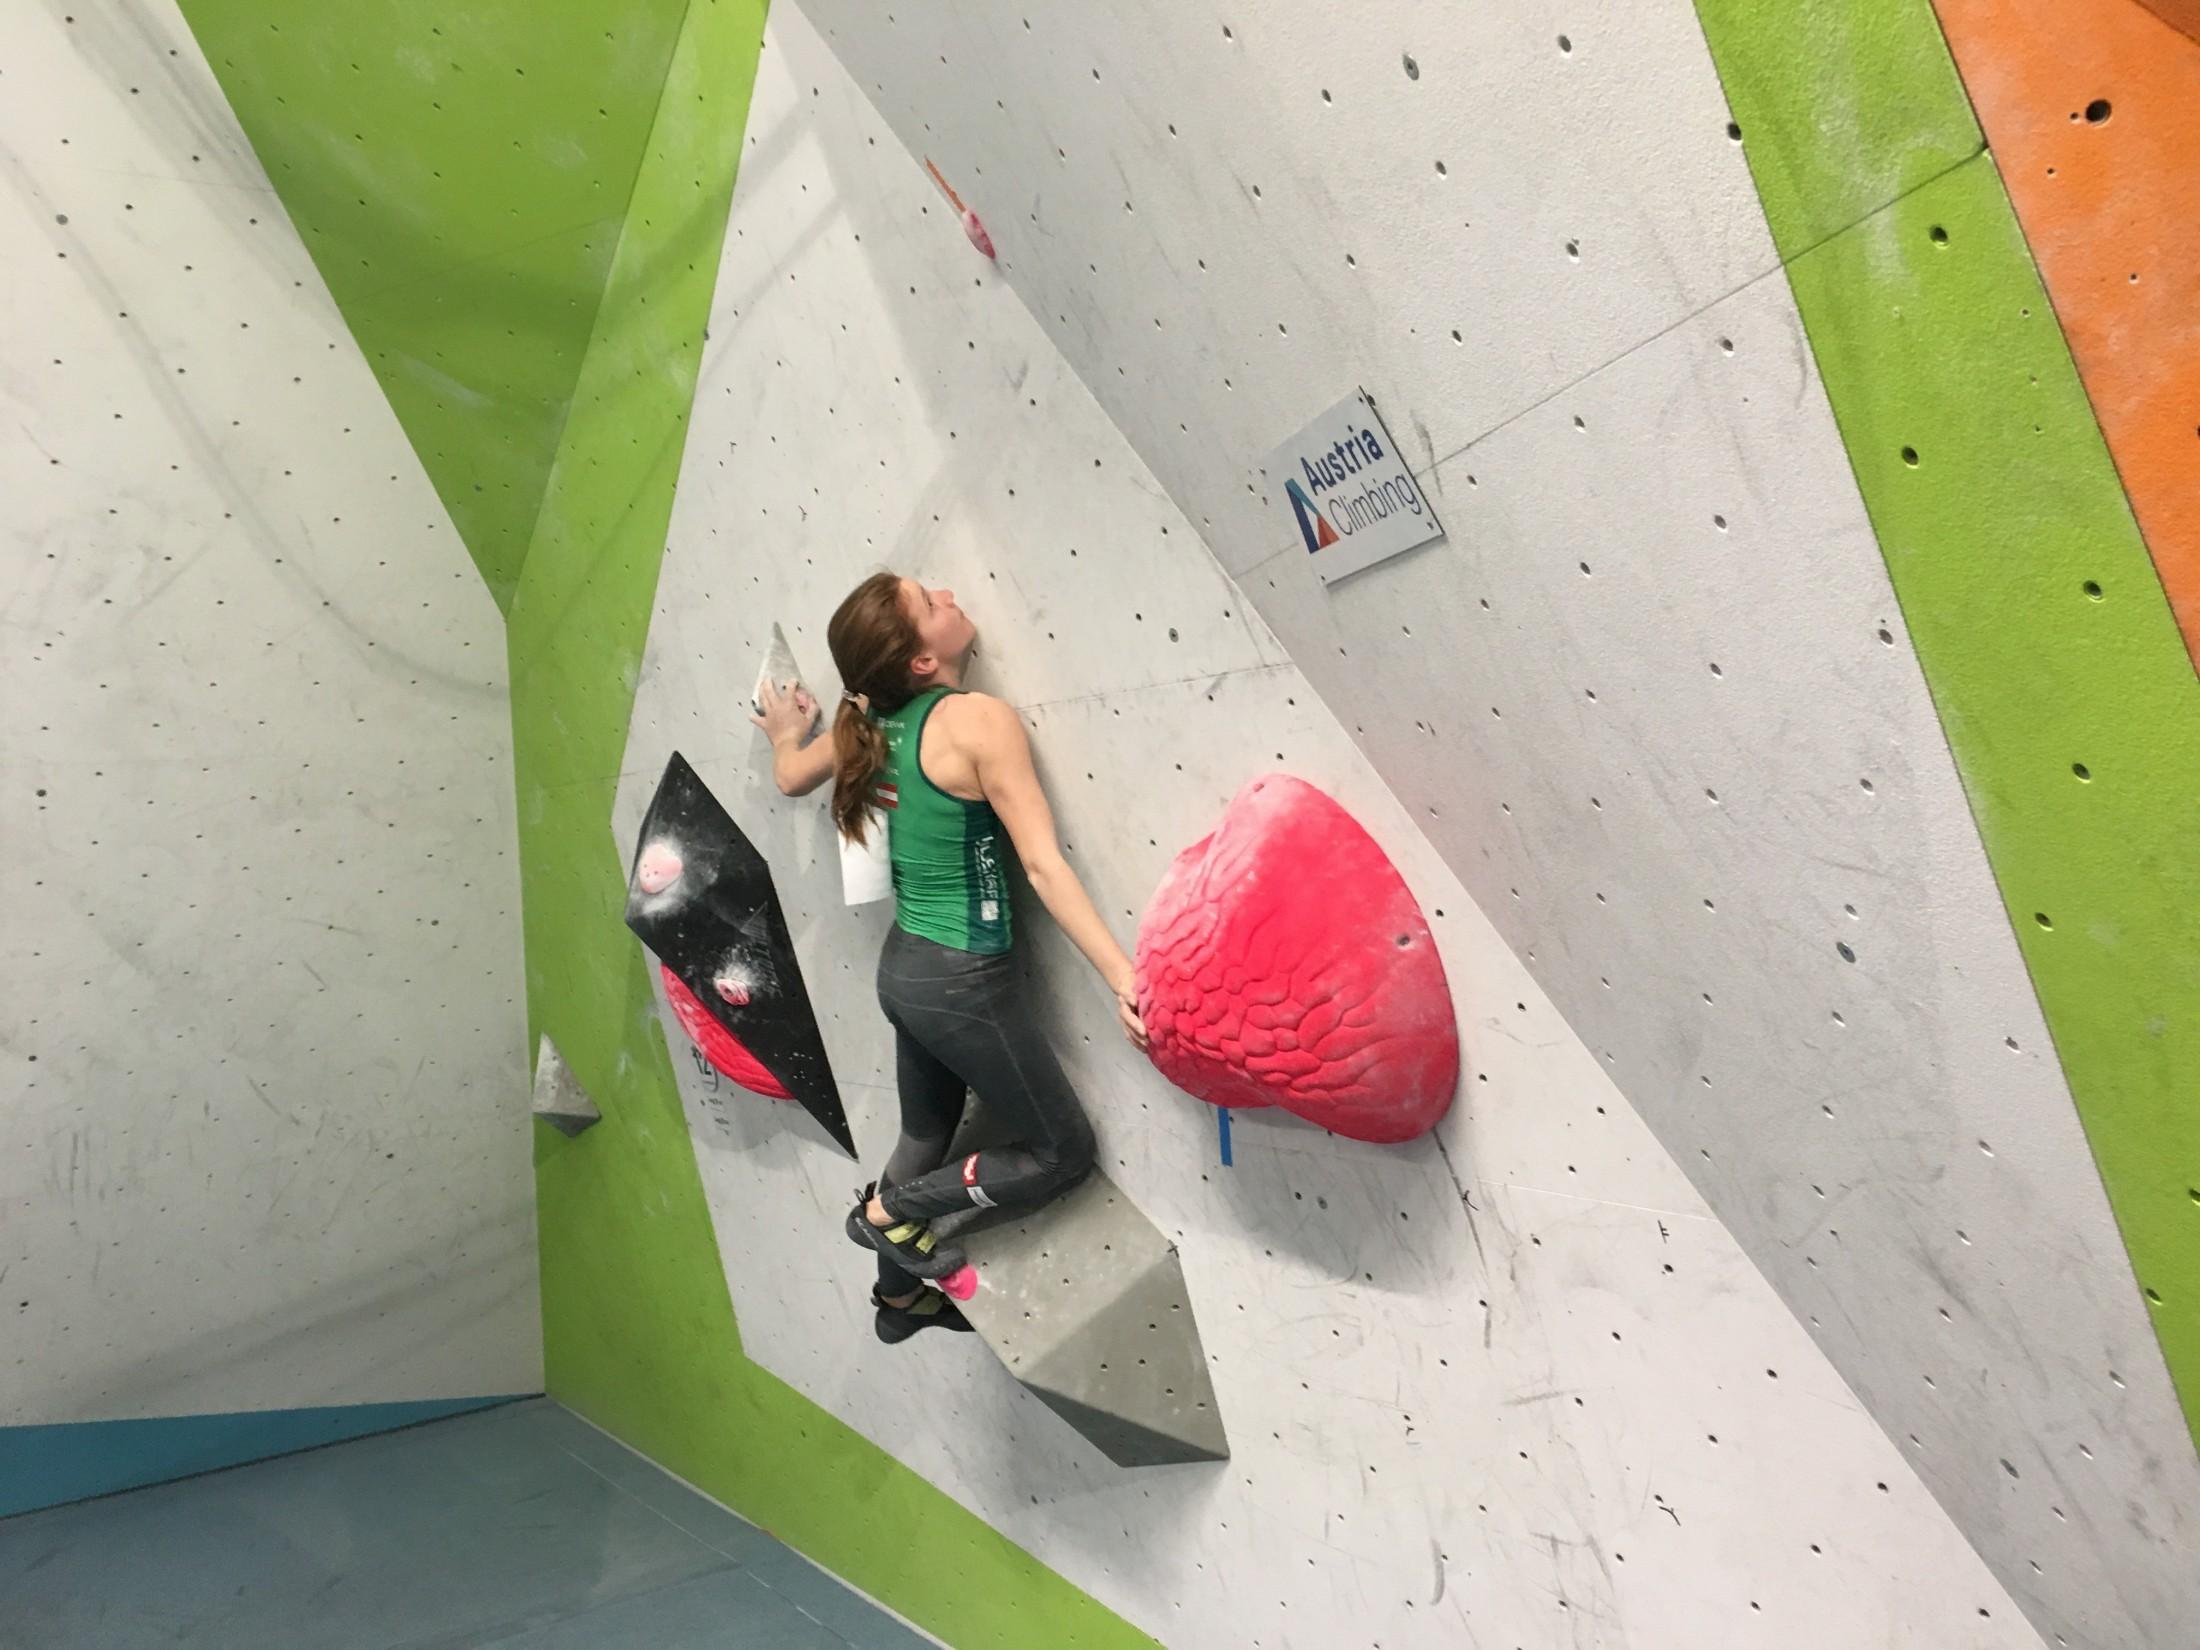 Erfolge beim Austria Climbing Boulder, Bürs 22.4.2017!